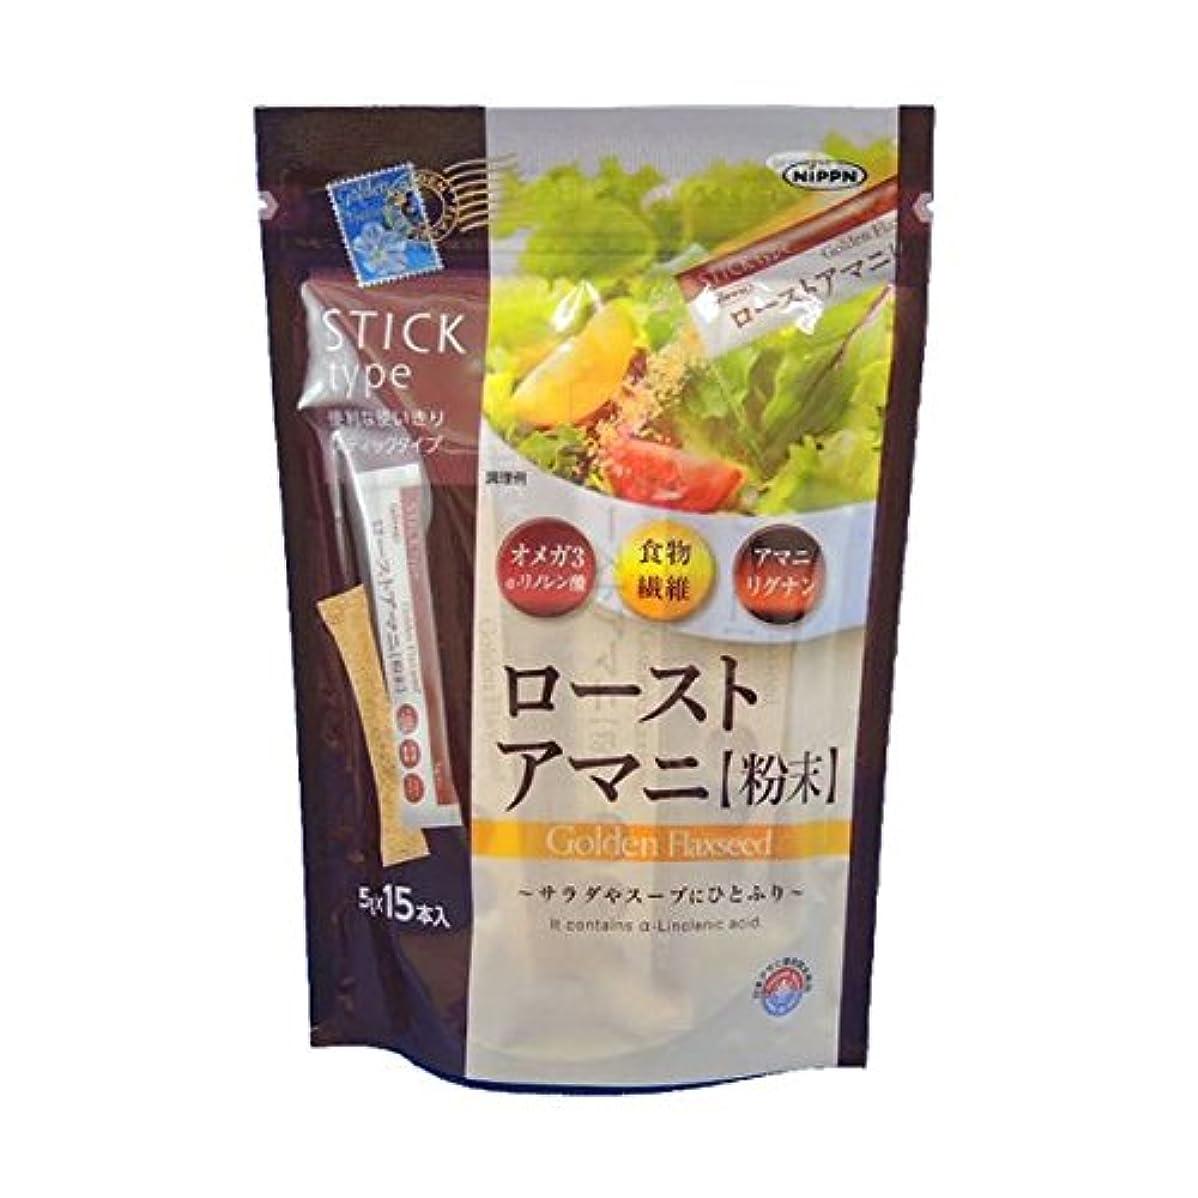 フットボール尊敬好奇心盛ローストアマニ粉末【3袋セット】日本製粉